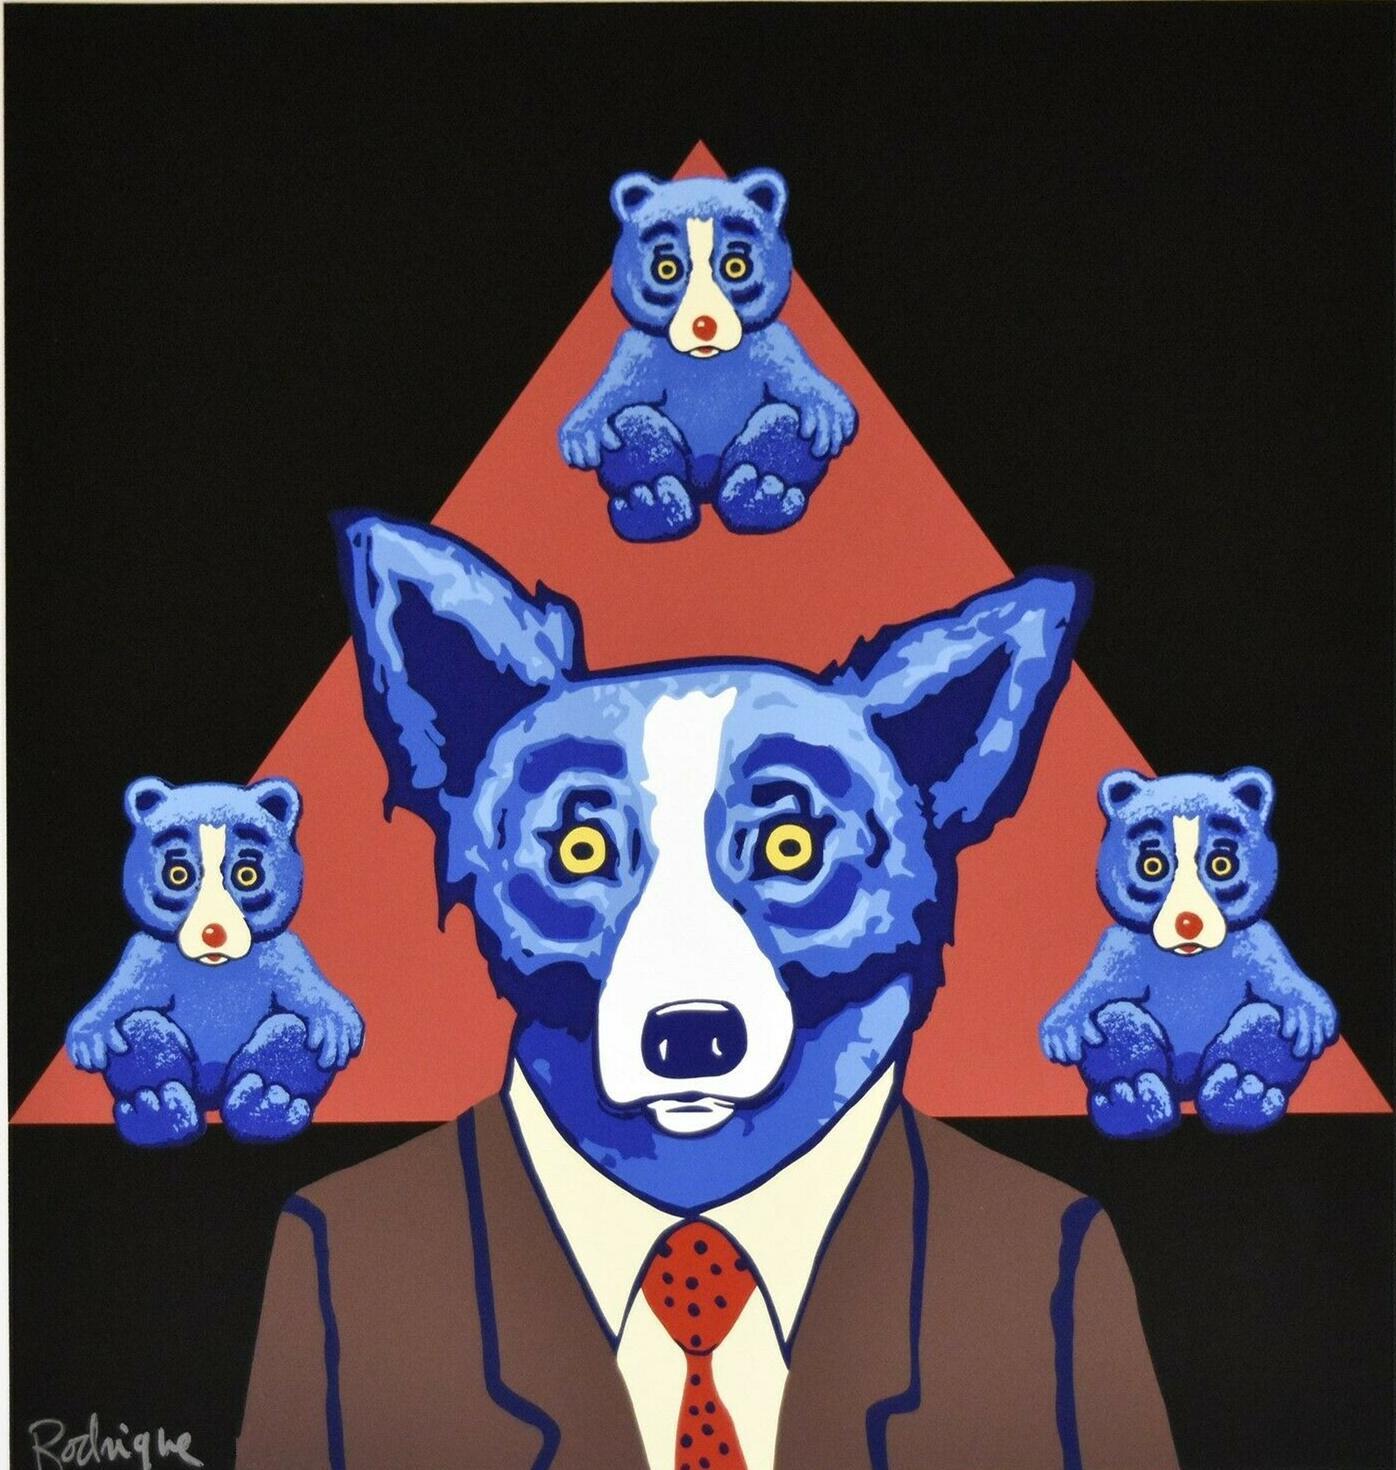 George Rodrigue Blue Dog hat Ähnlichkeit Wohnkultur Handwerk / HD-Druck-Ölgemälde auf Leinwand-Wand-Kunst-Leinwandbilder 200111